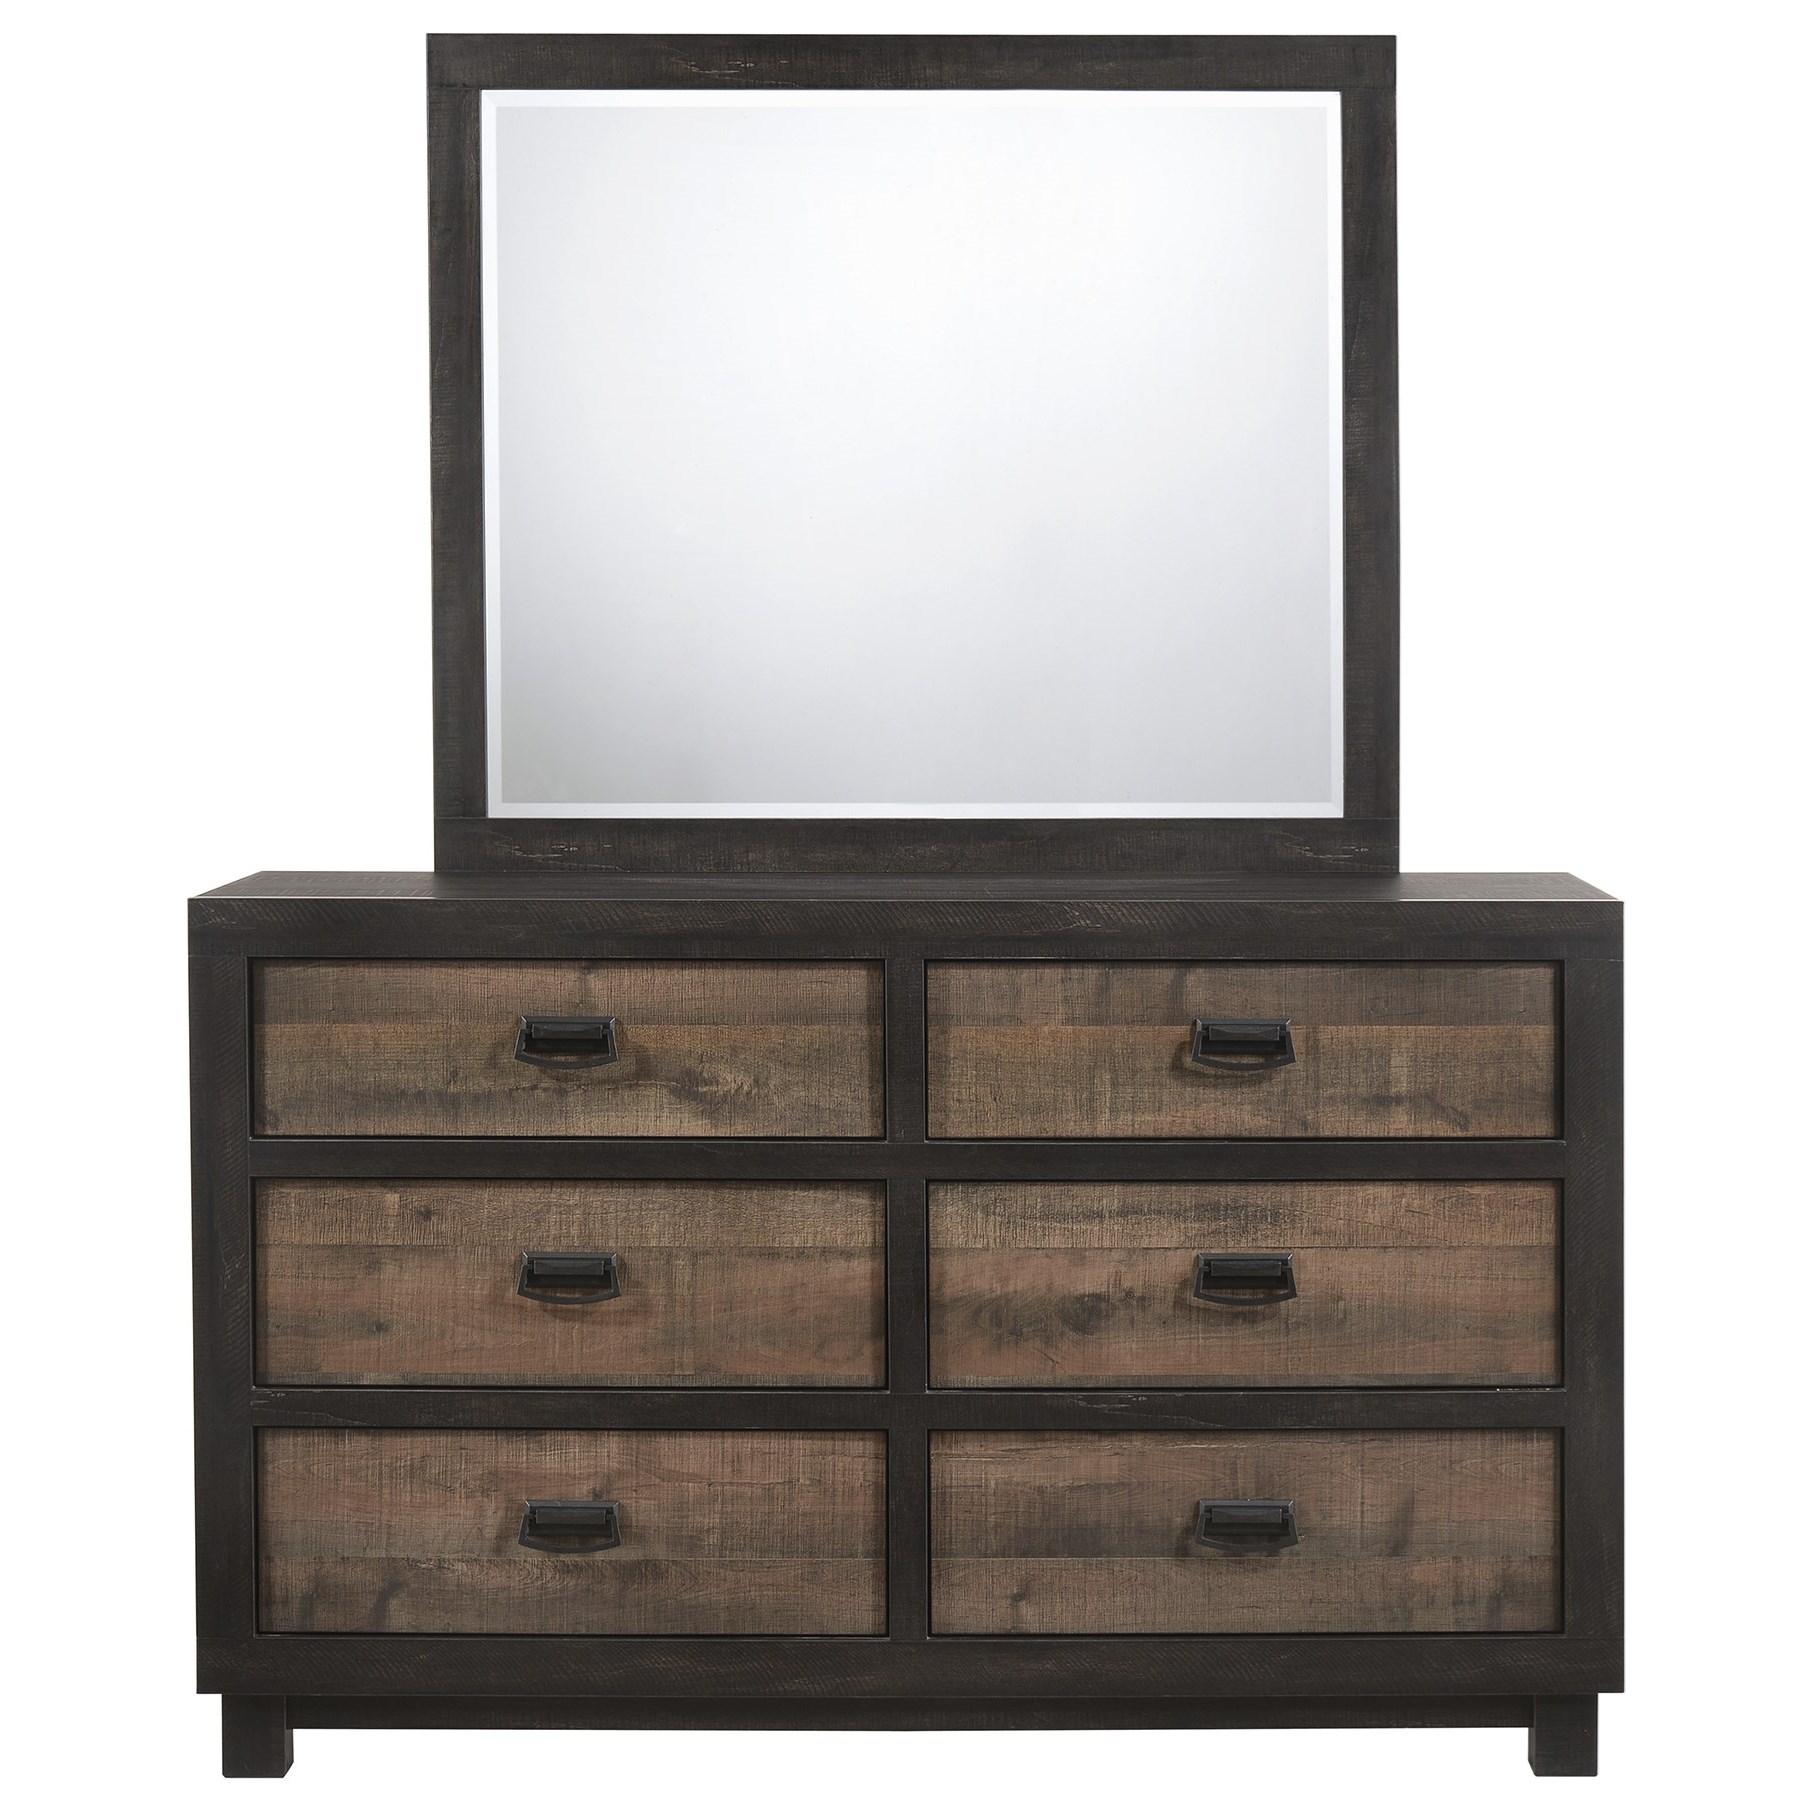 6-Drawer Dresser w/ Mirror Set